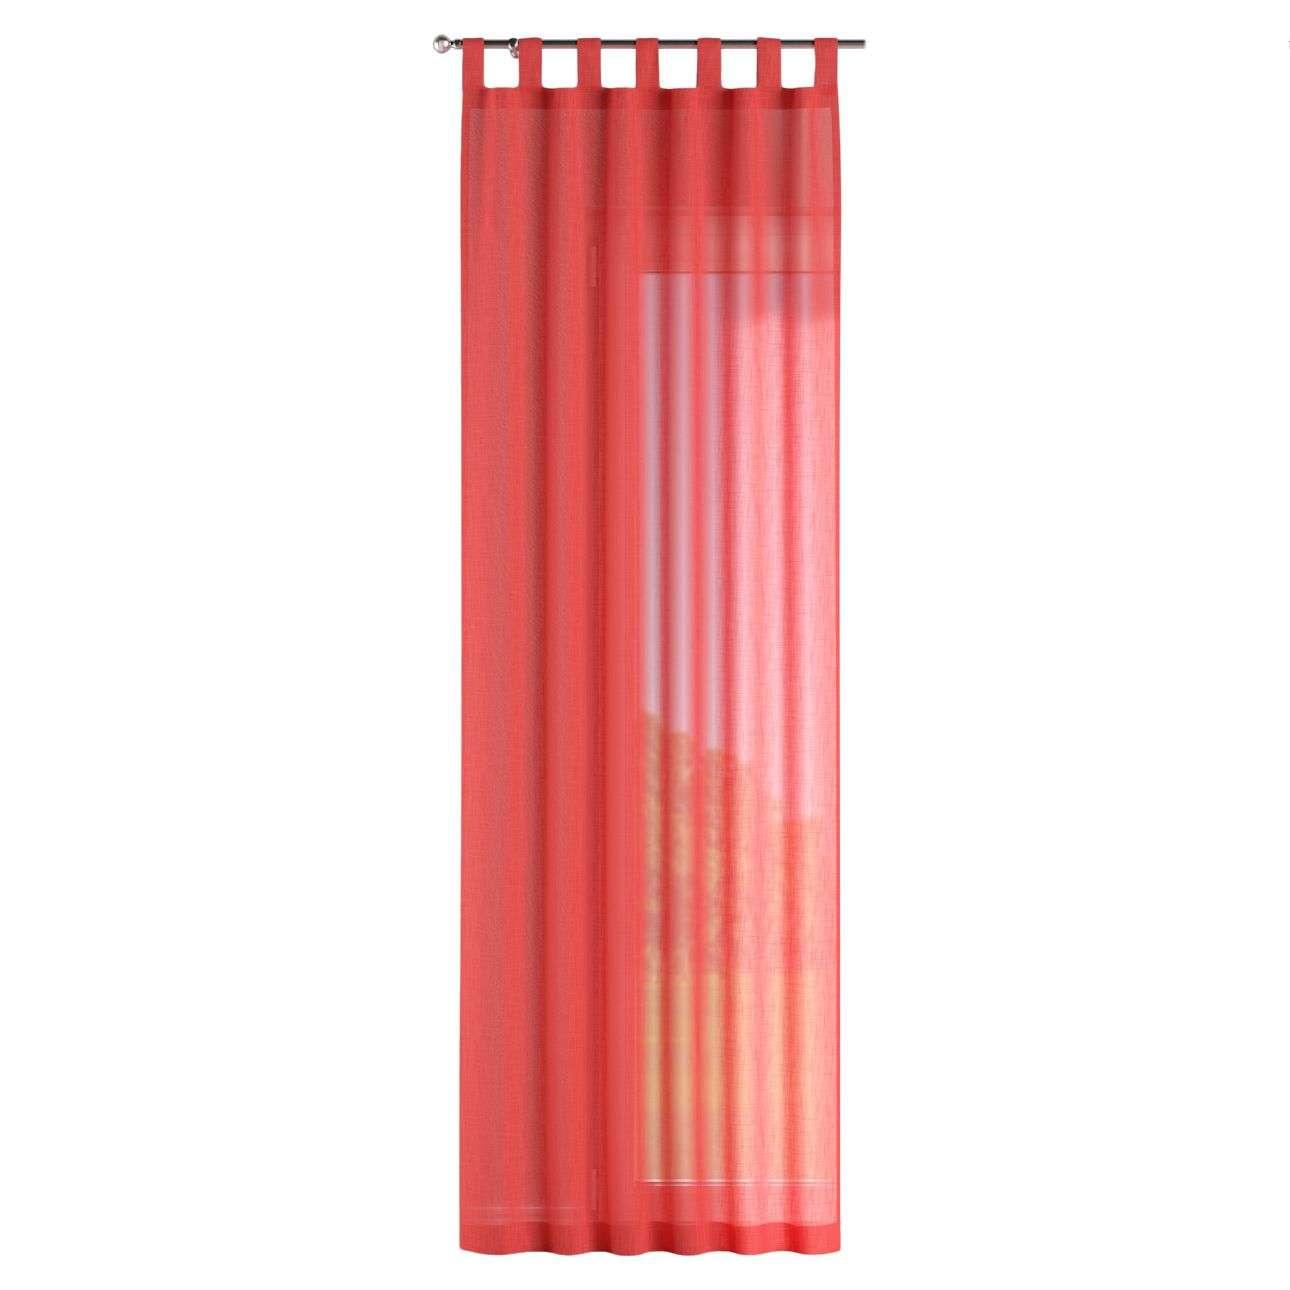 Kilpinio klostavimo užuolaidos 130 x 260 cm (plotis x ilgis) kolekcijoje Romantica, audinys: 128-02